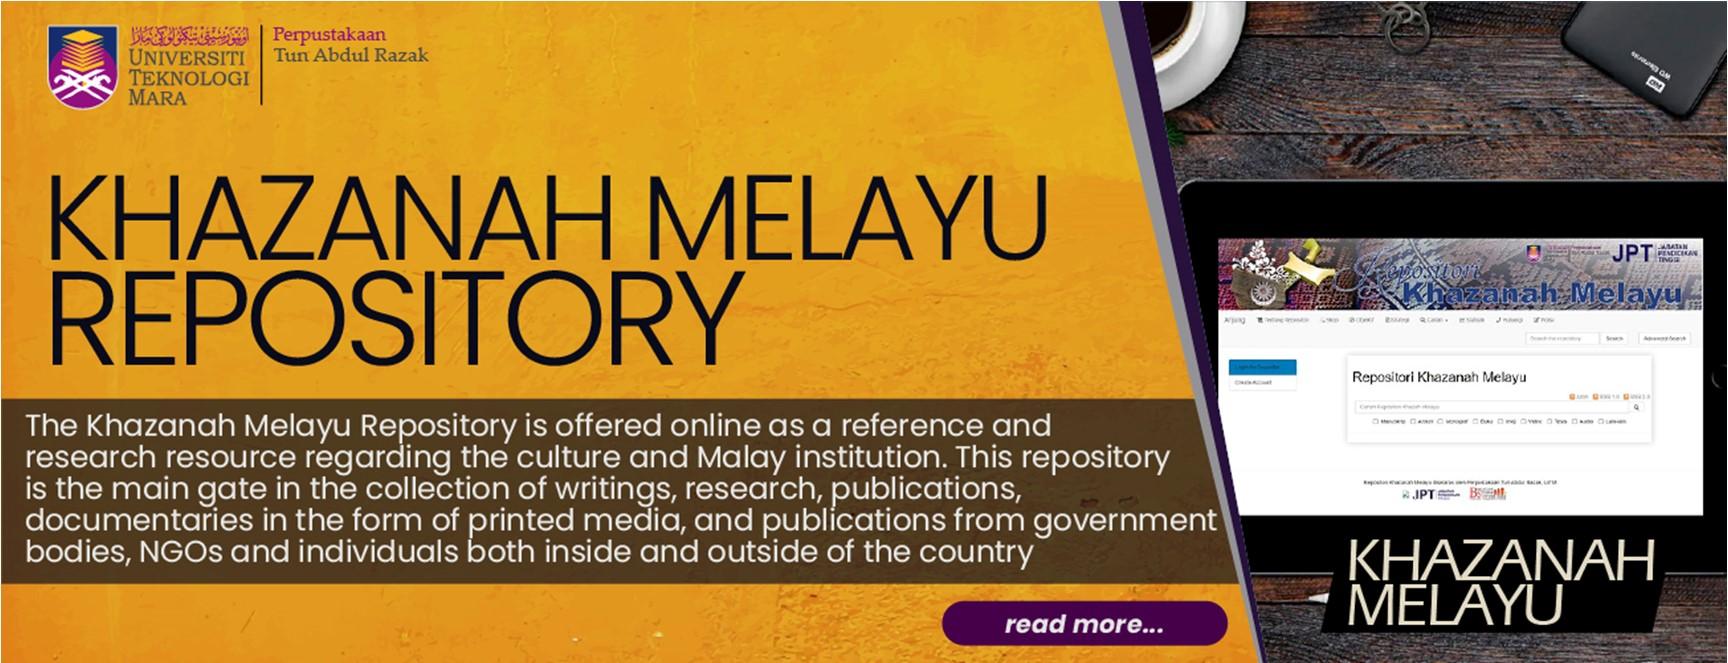 Khazanah Melayu